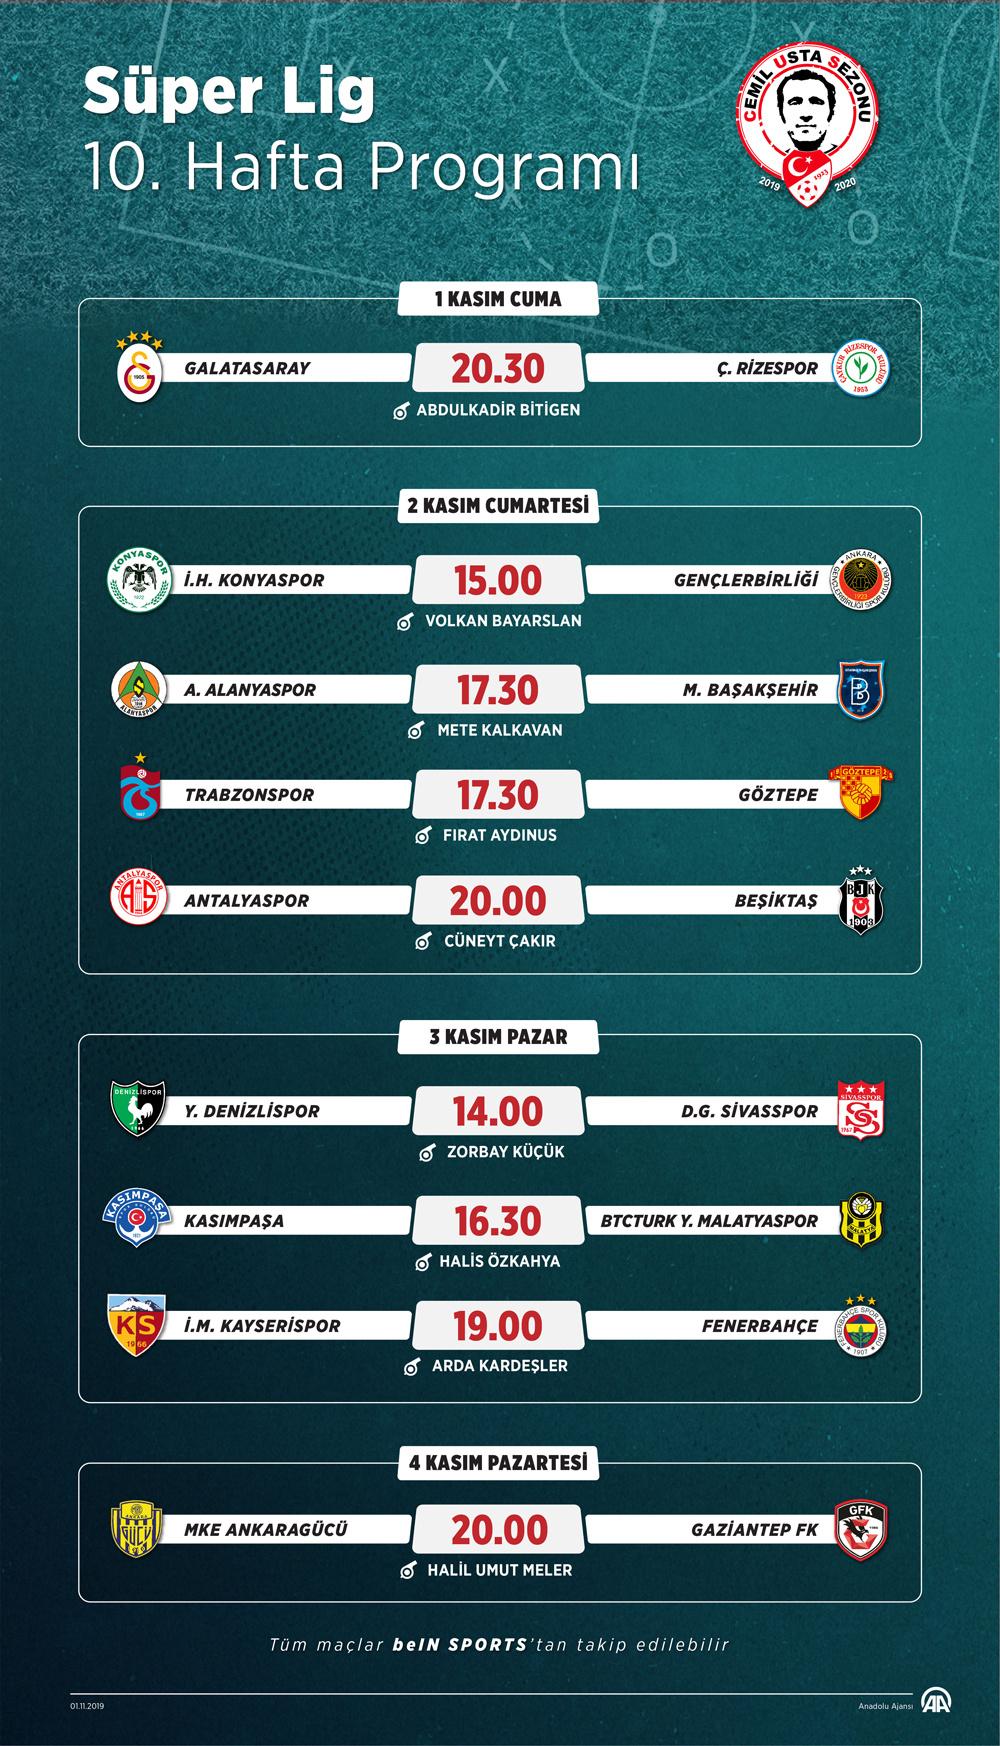 Haftanın maçları Galatasaray-Rize ile açılışı yapıyor